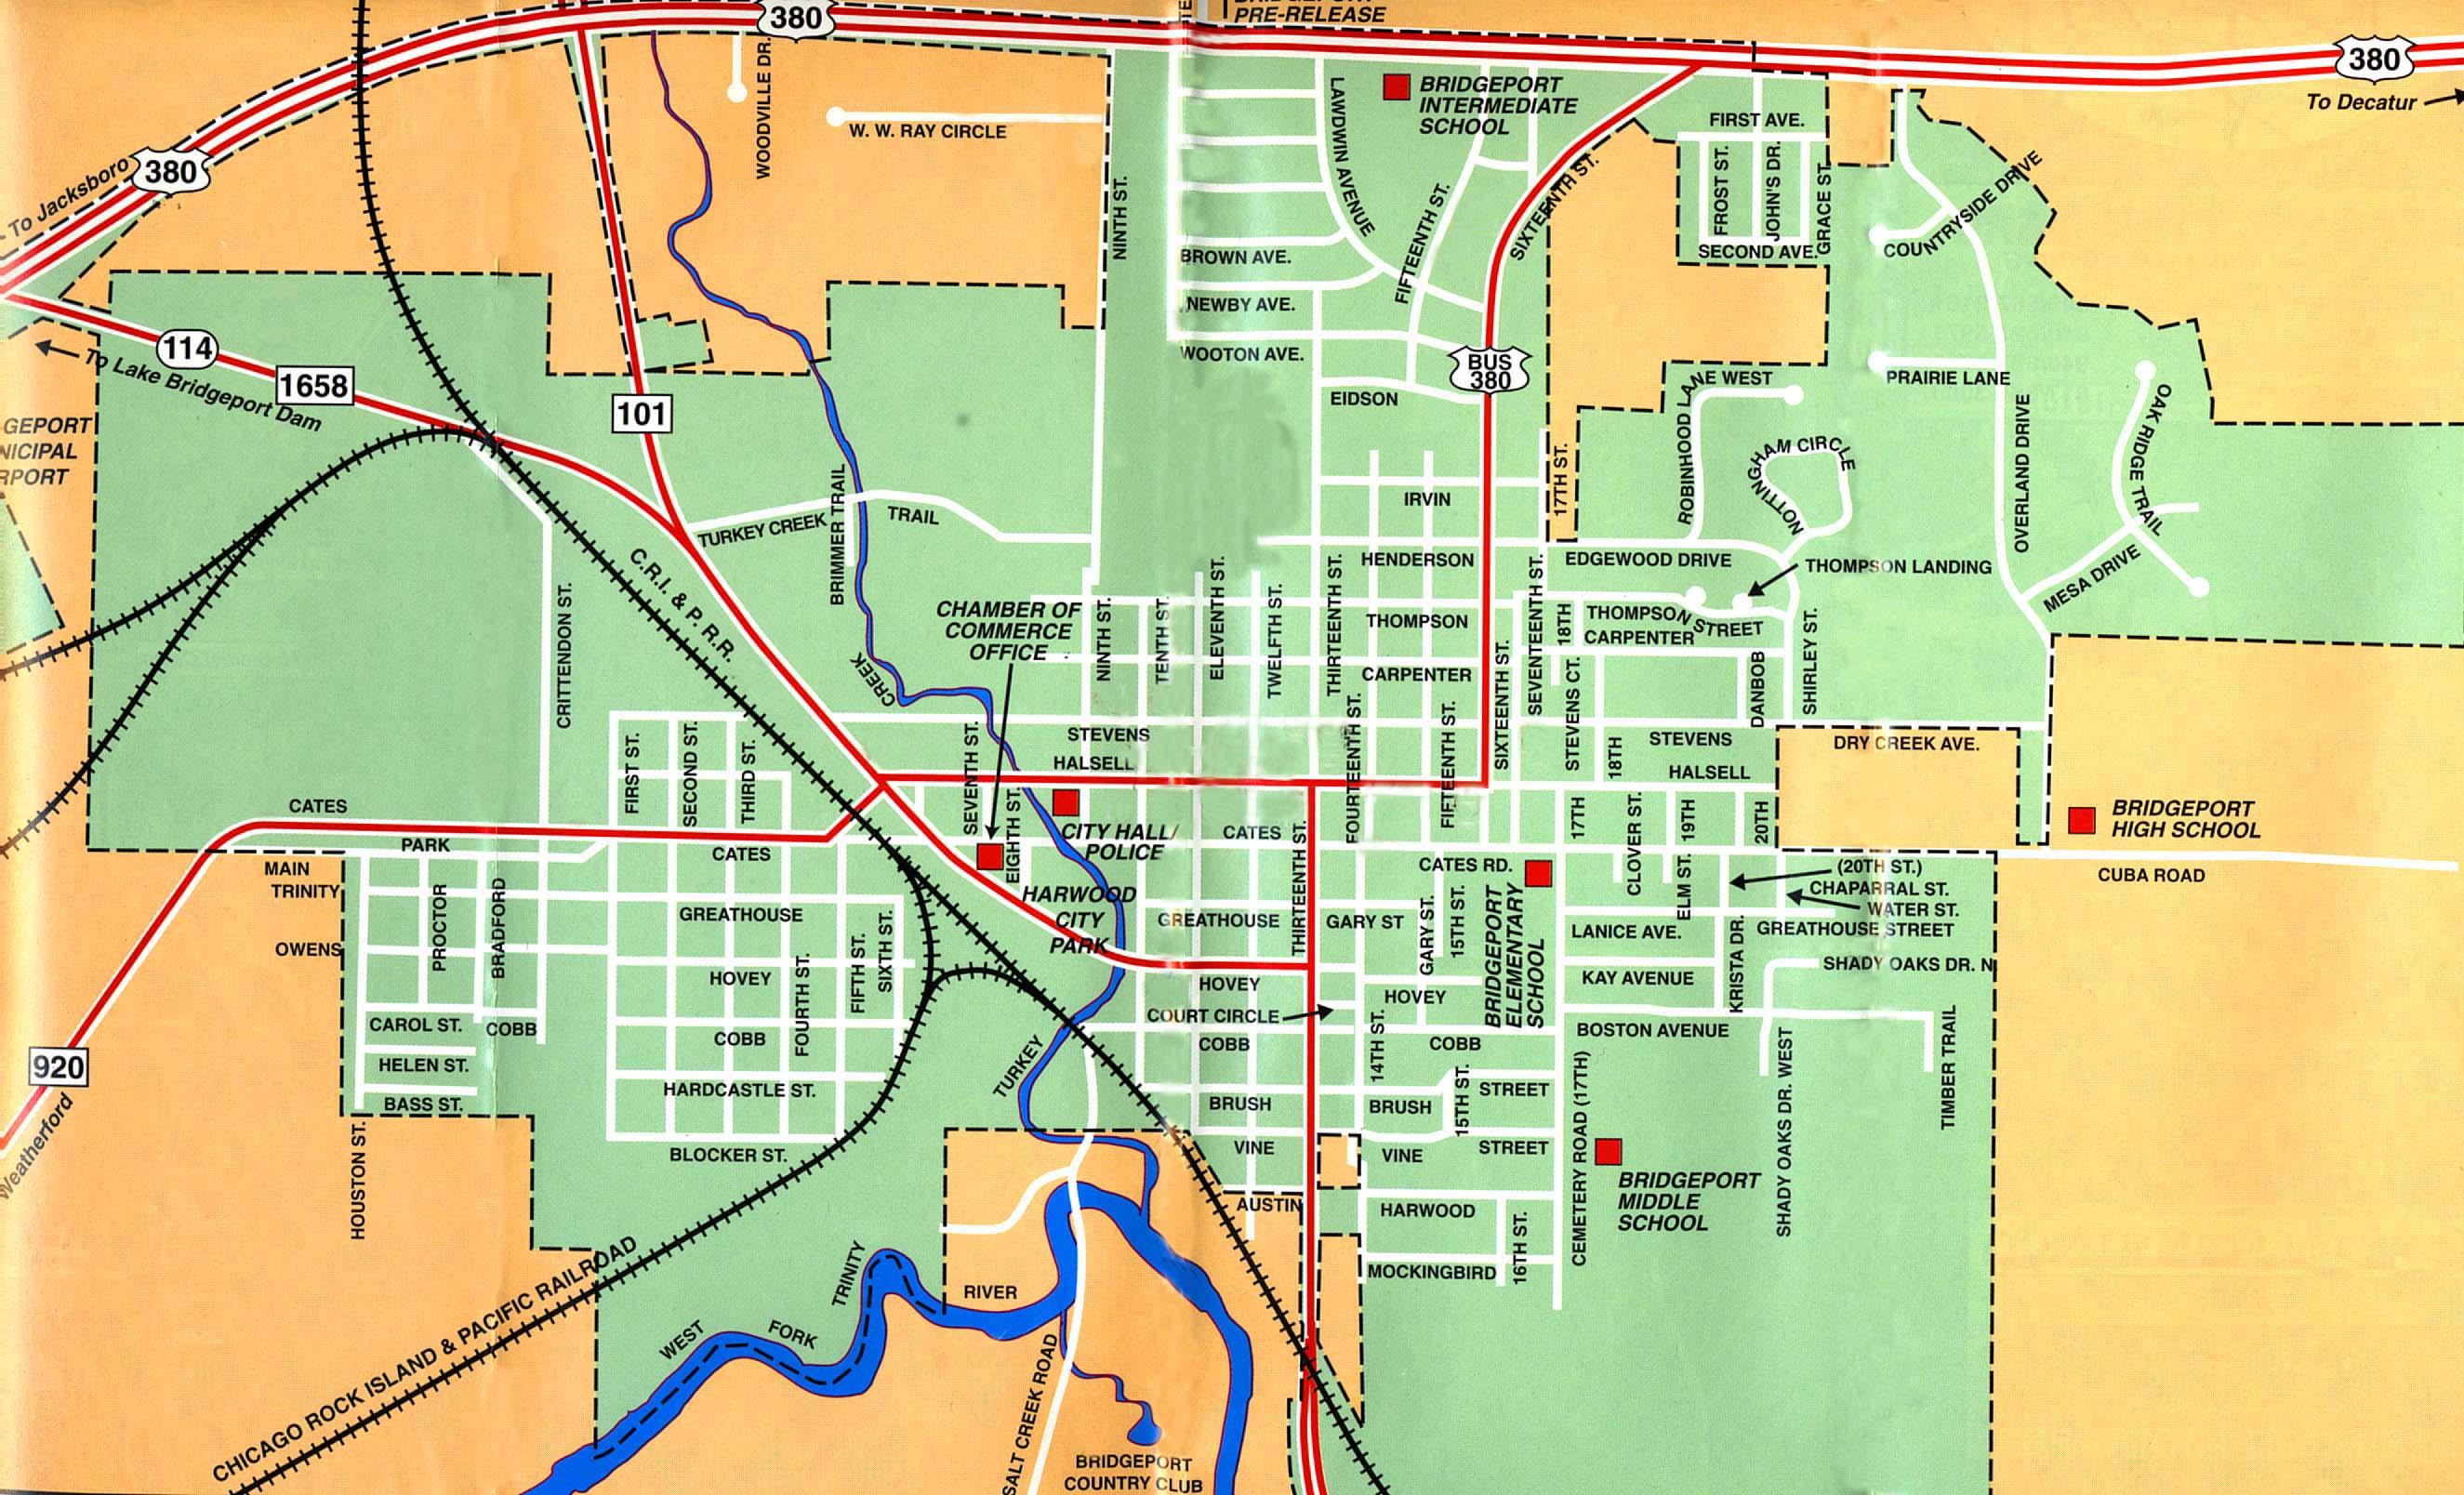 Bridgeport Map - Aishouzuo - Bridgeport Texas Map